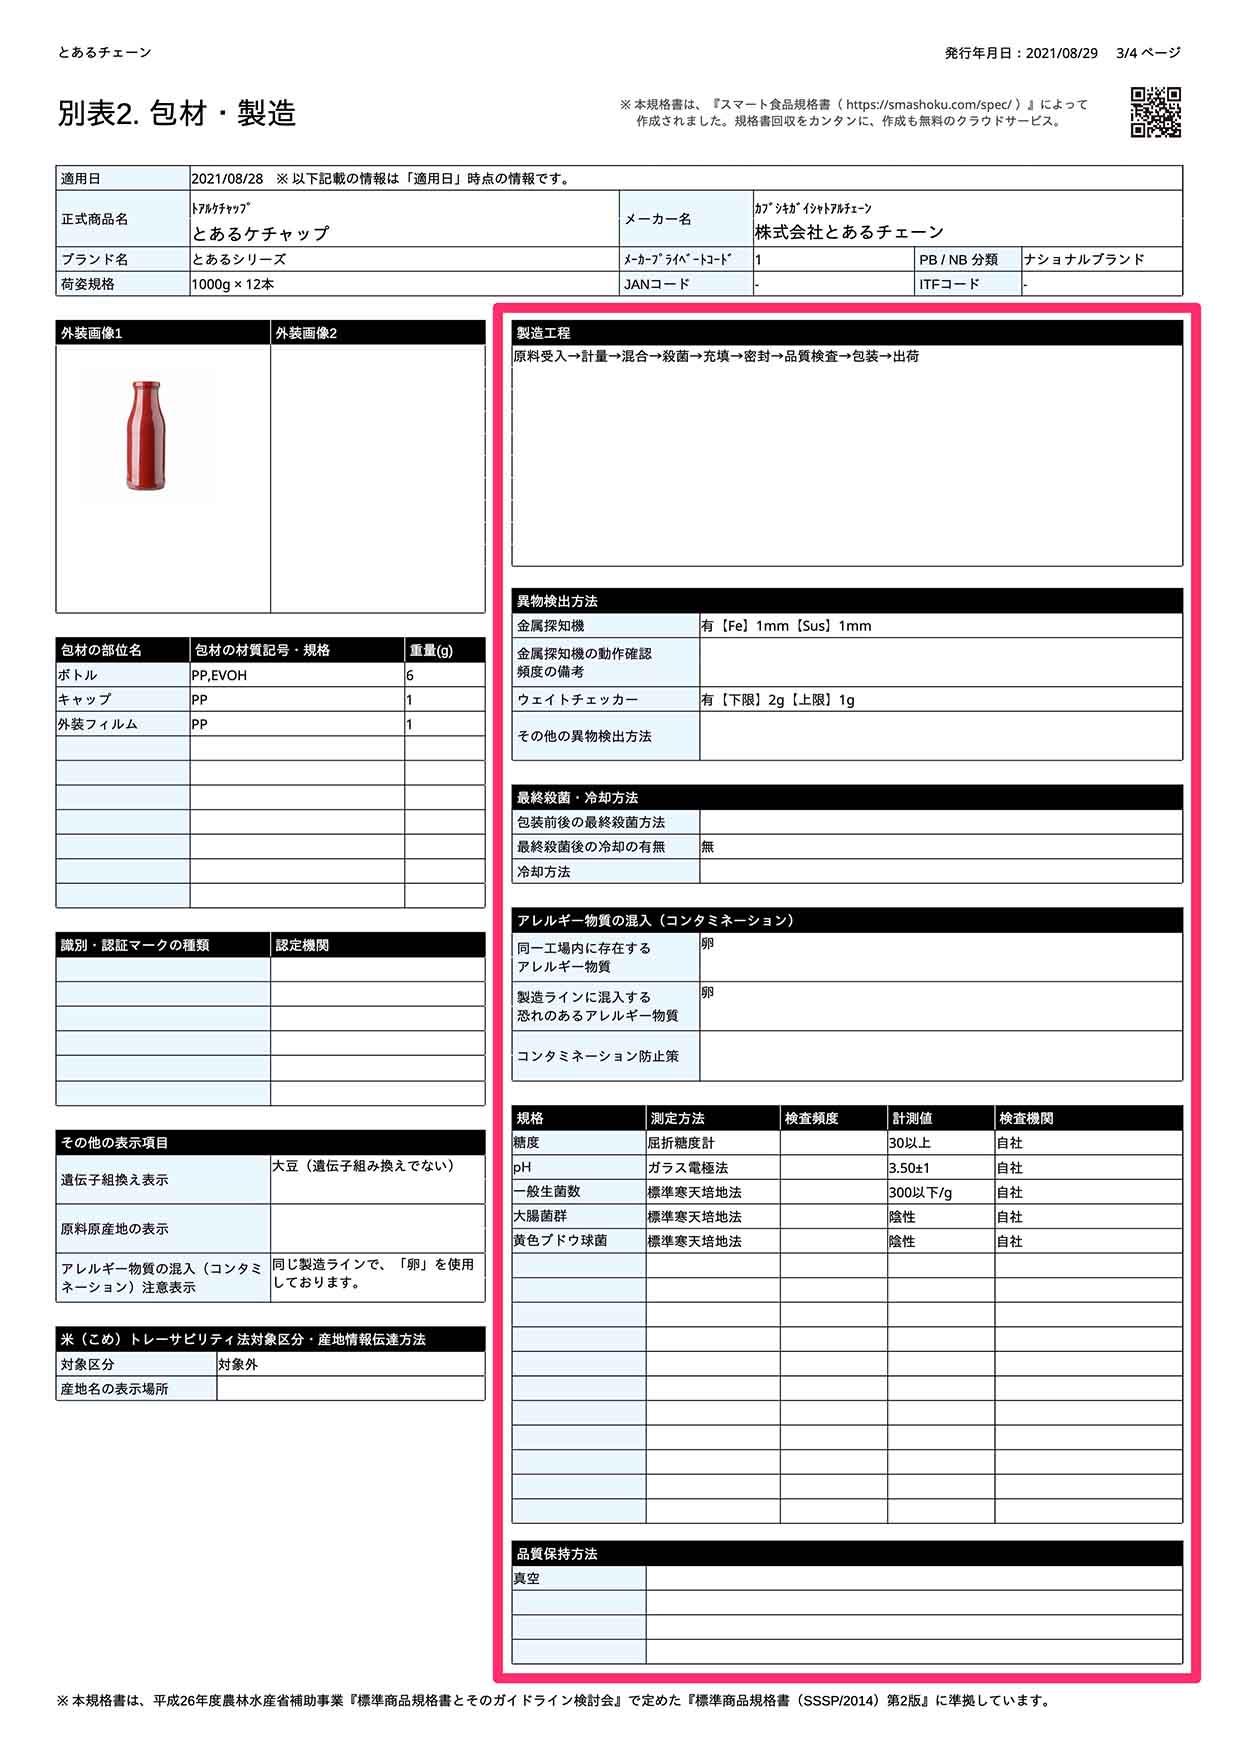 サンプル食品規格書_製造